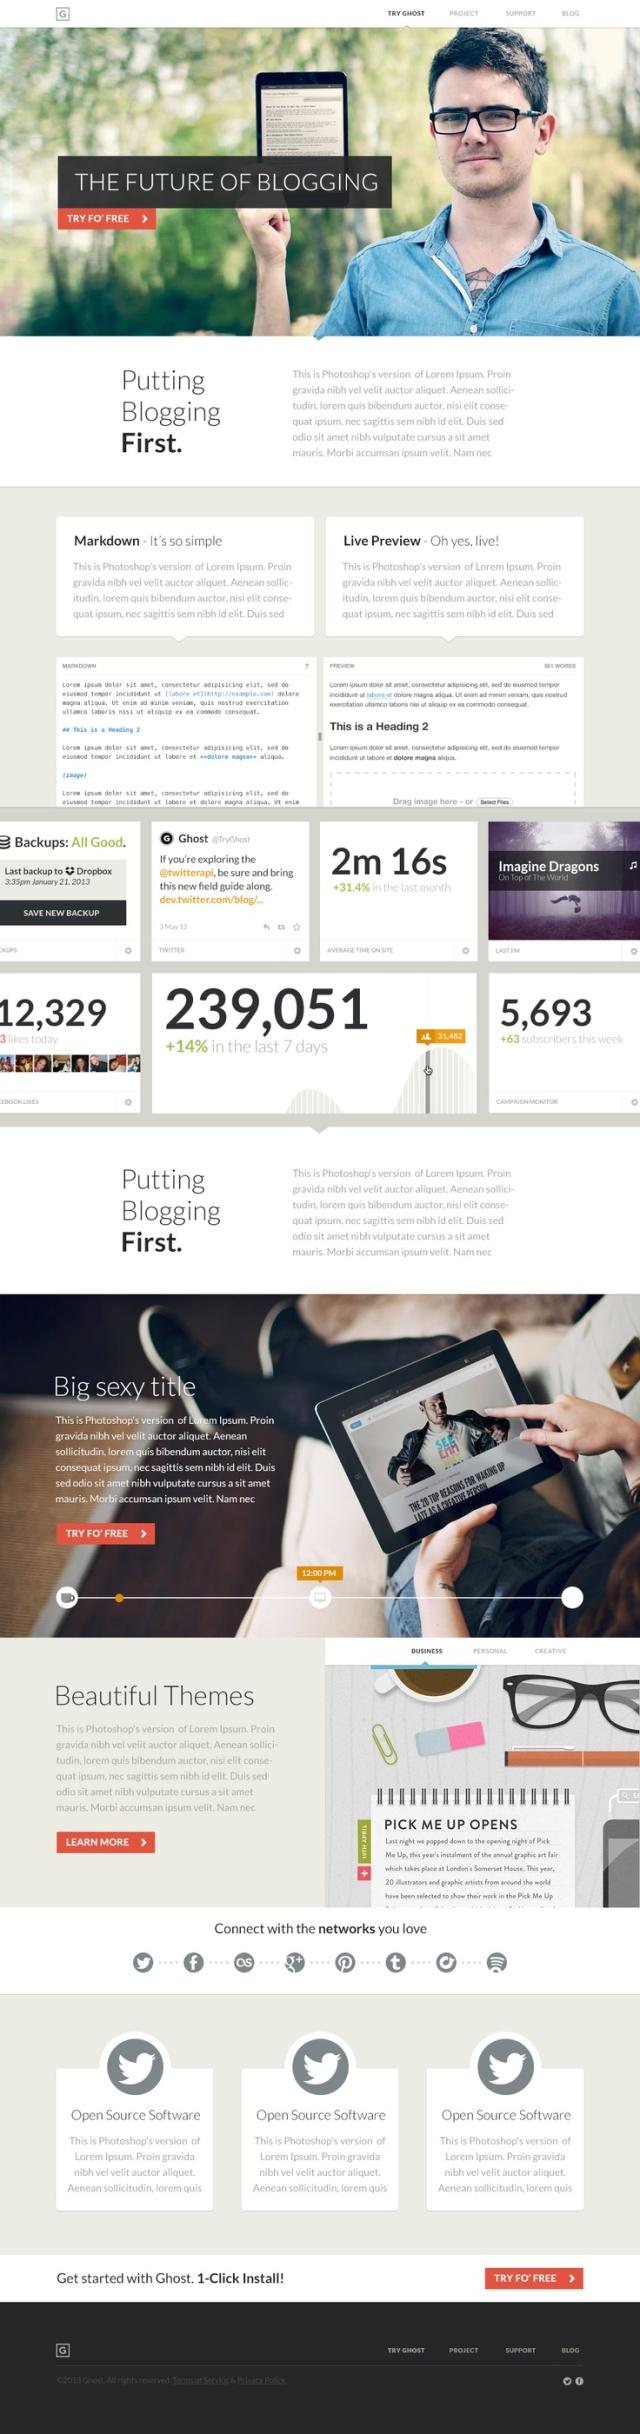 El futuro del blogging